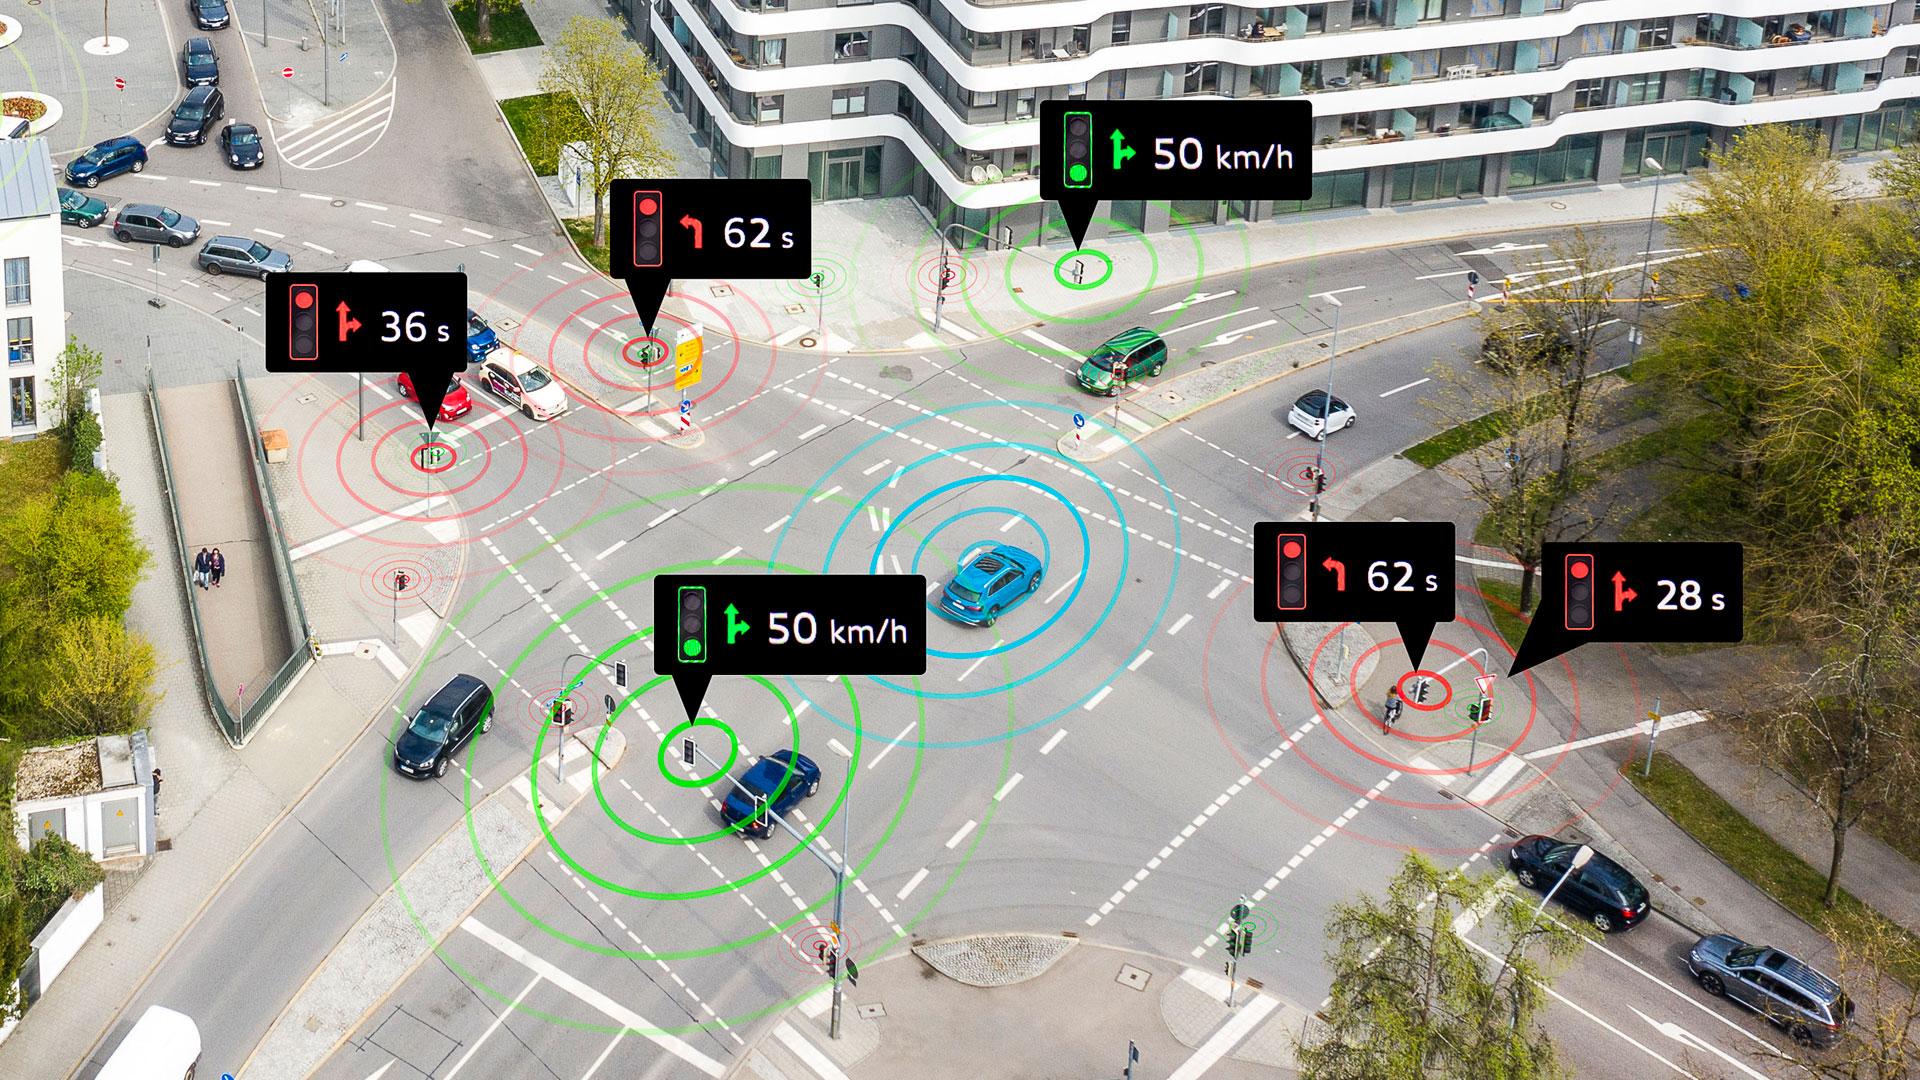 Grafika avtomobilov, ki so med seboj povezani in sodelujejo v prometu. Na križišču.